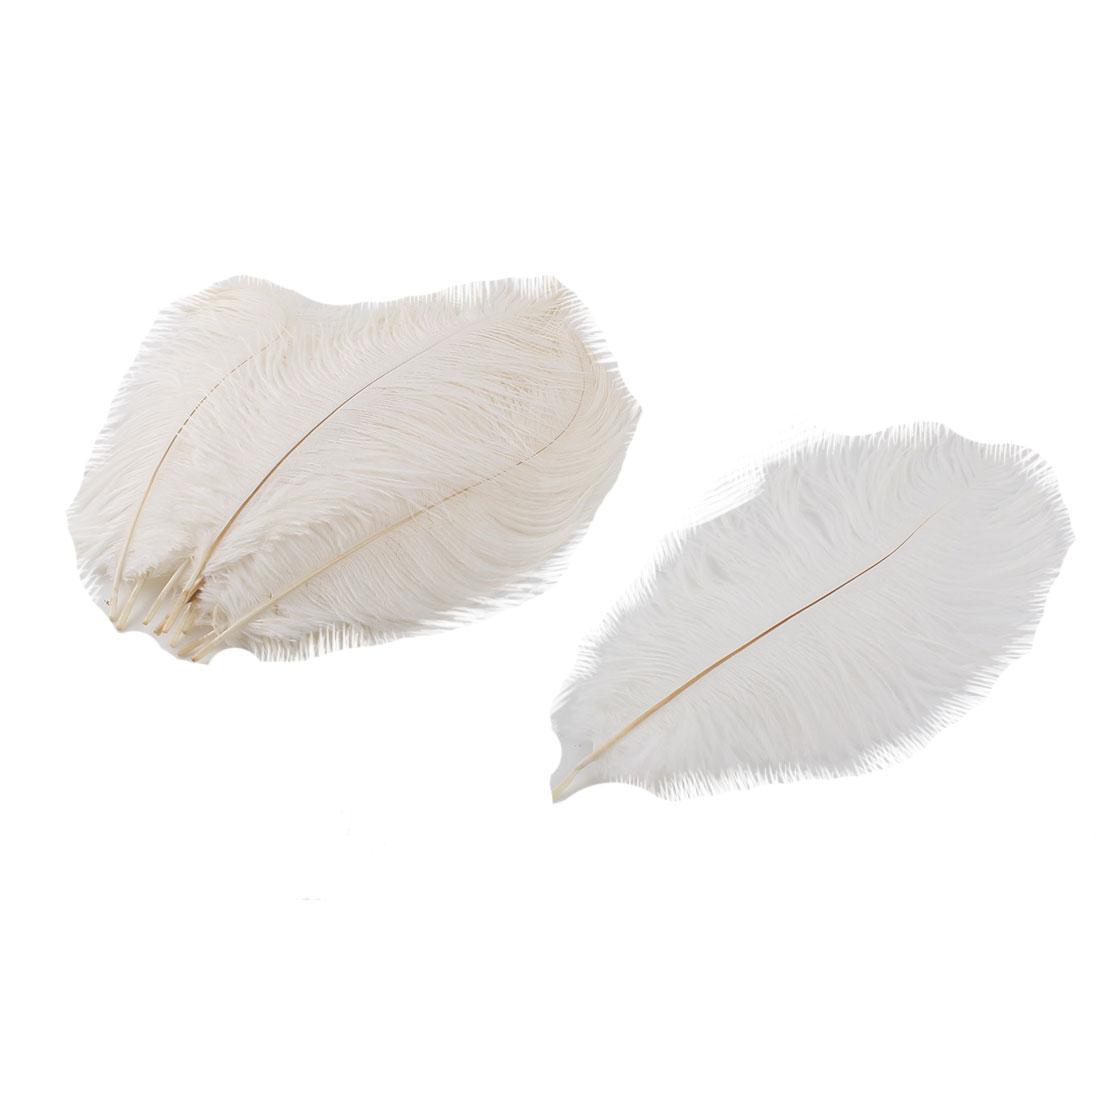 Wedding Party Clothes DIY Decor Ostrich Feathers Plume White 20-25cm Length 10pcs